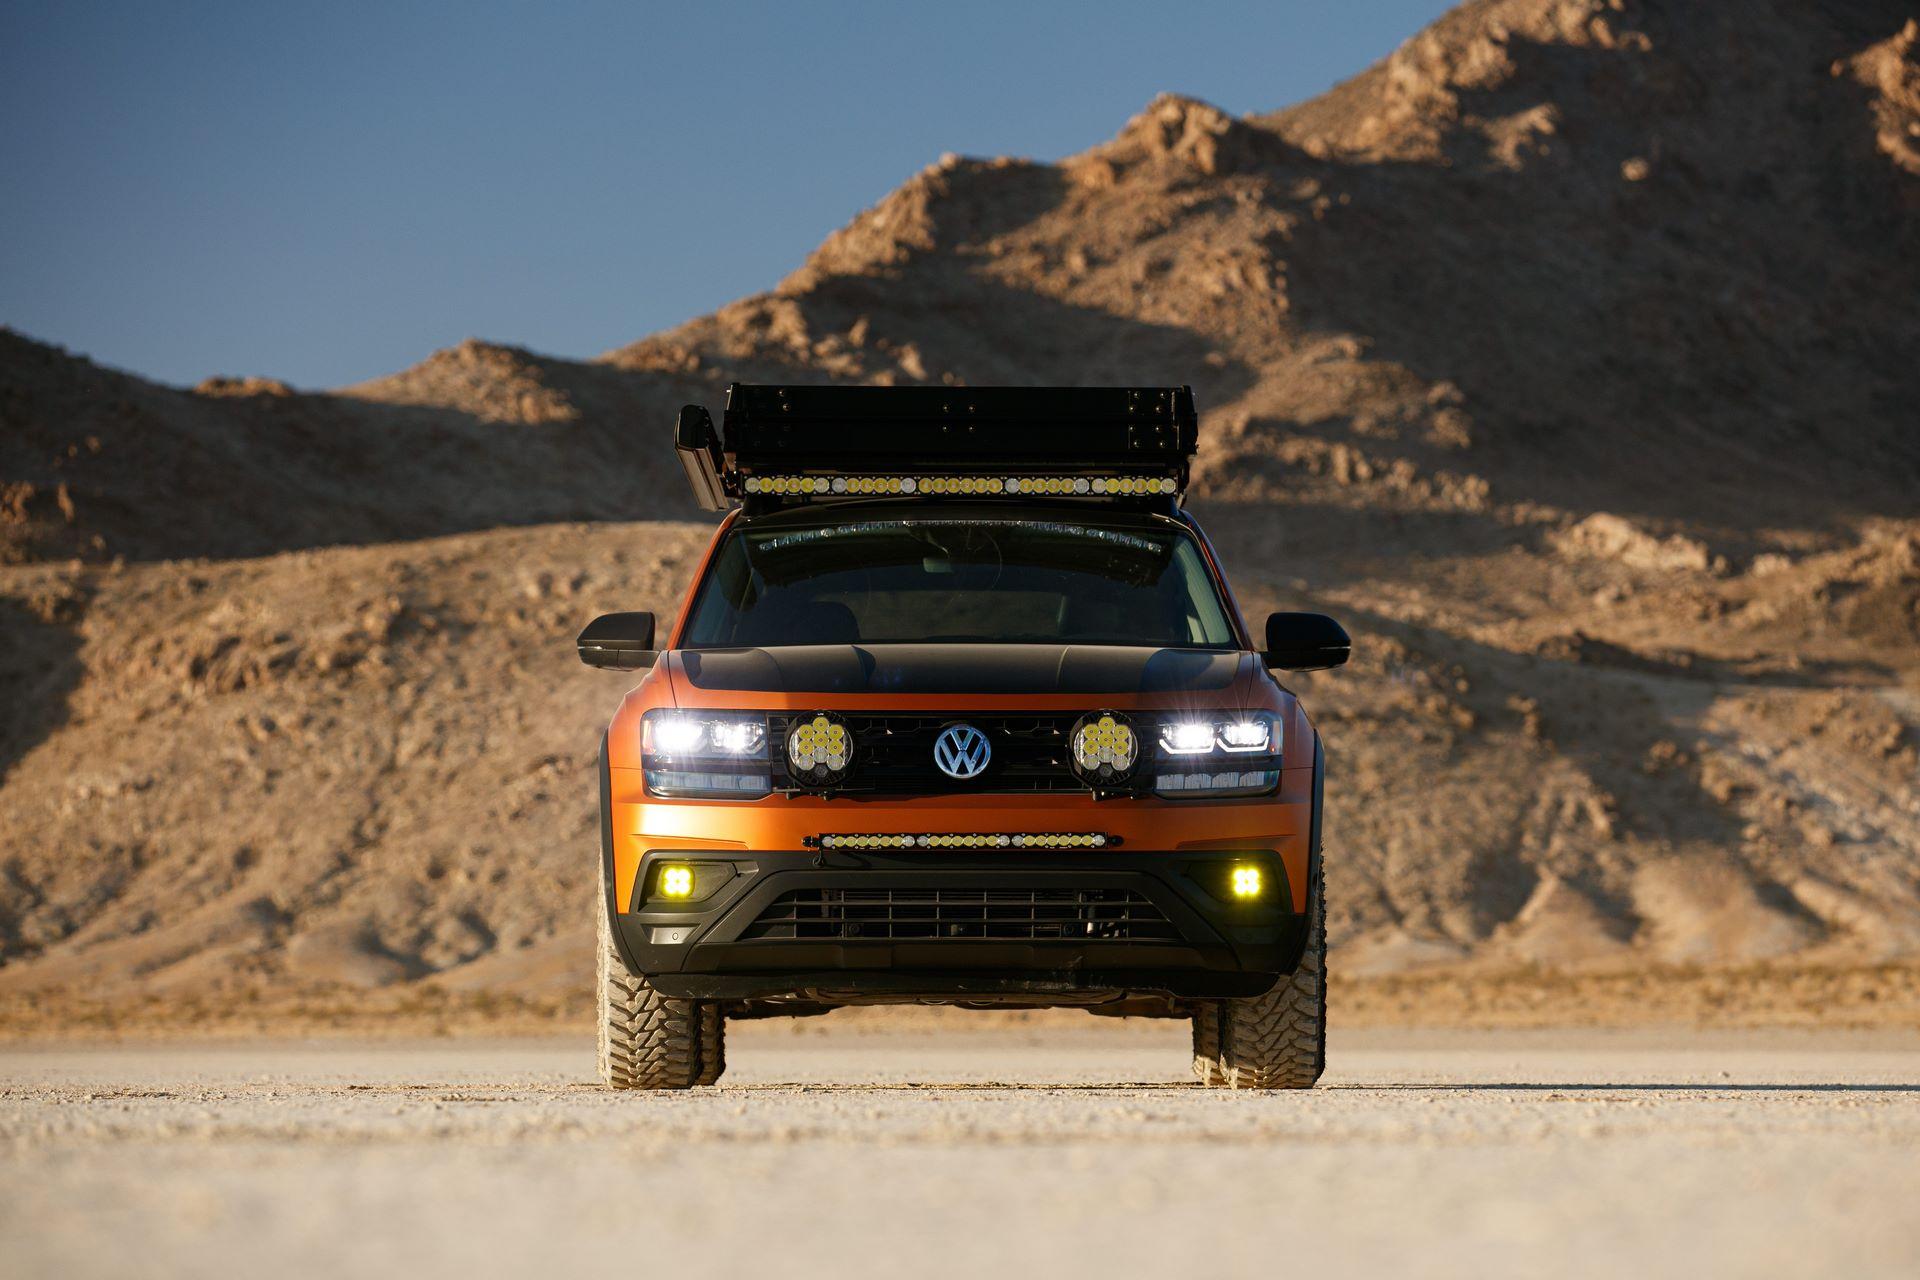 Volkswagen_Atlas_Adventure_Concept-10445